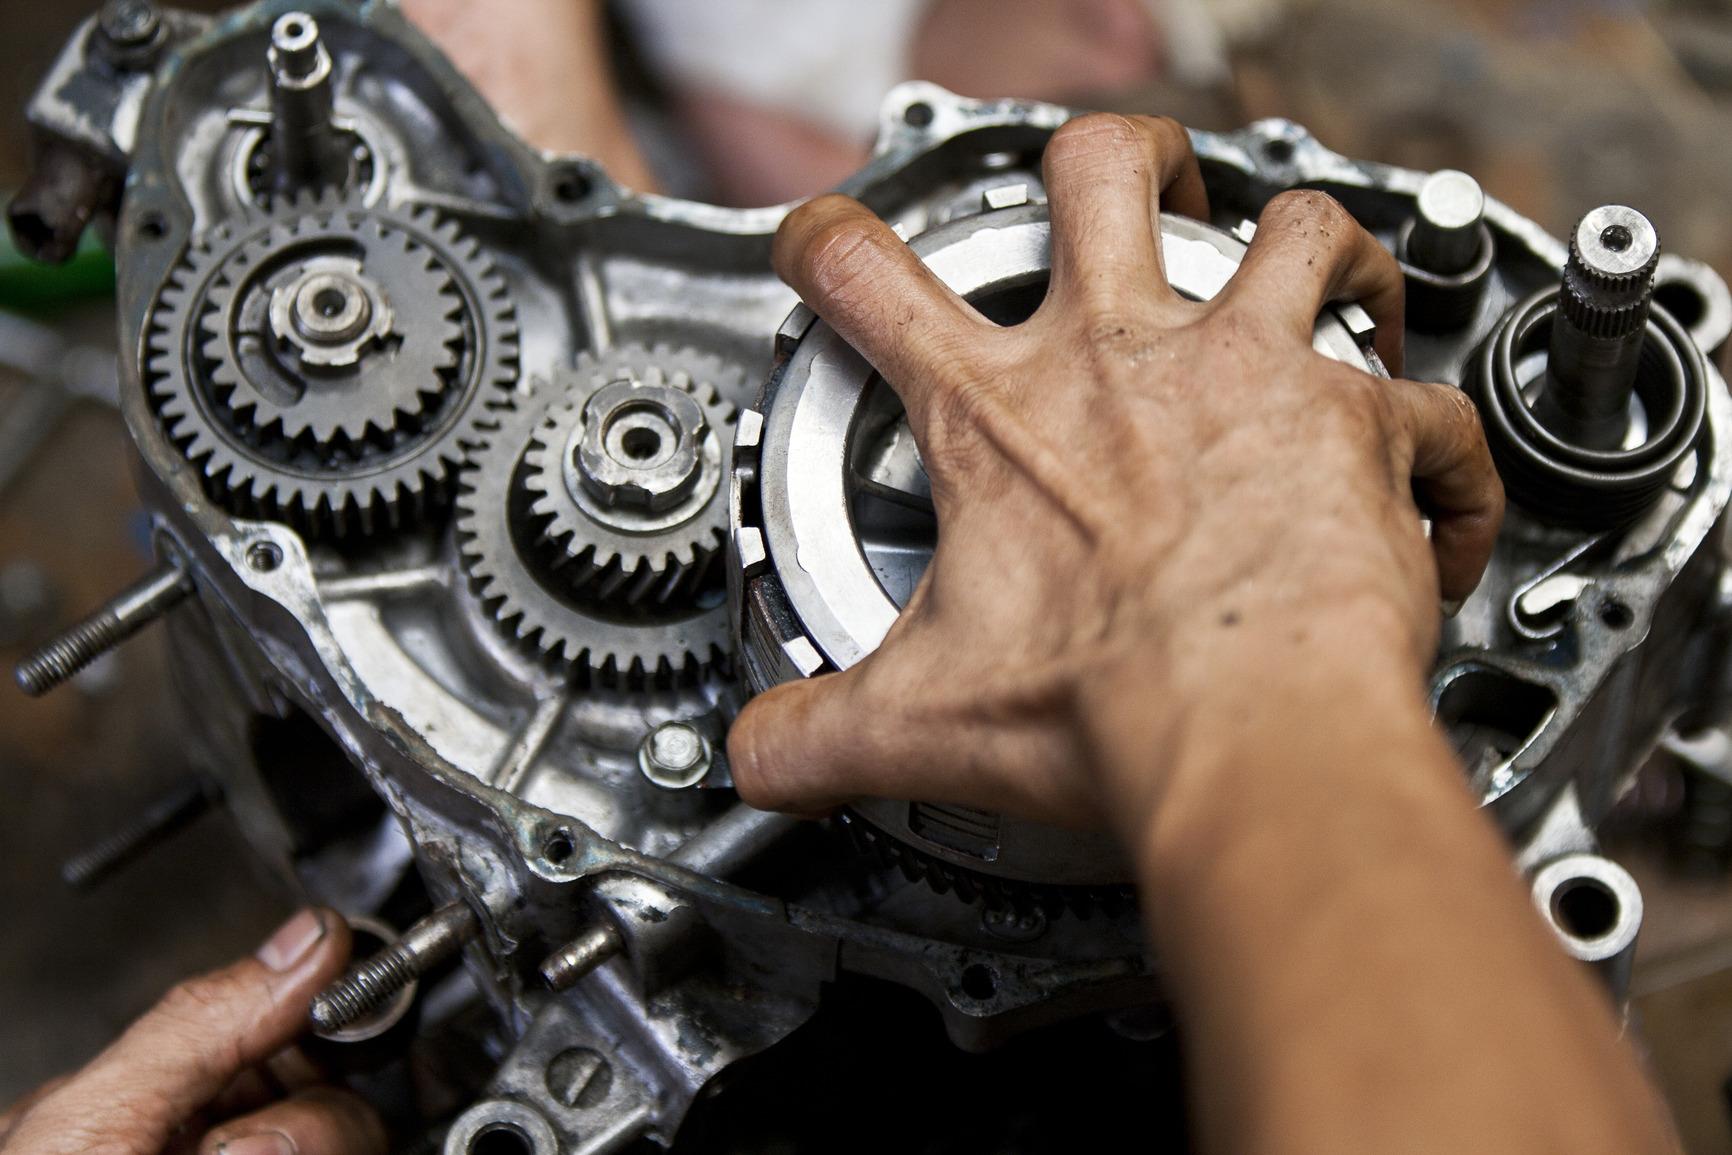 photodune-3154321-motorcycle-engine-repair-m